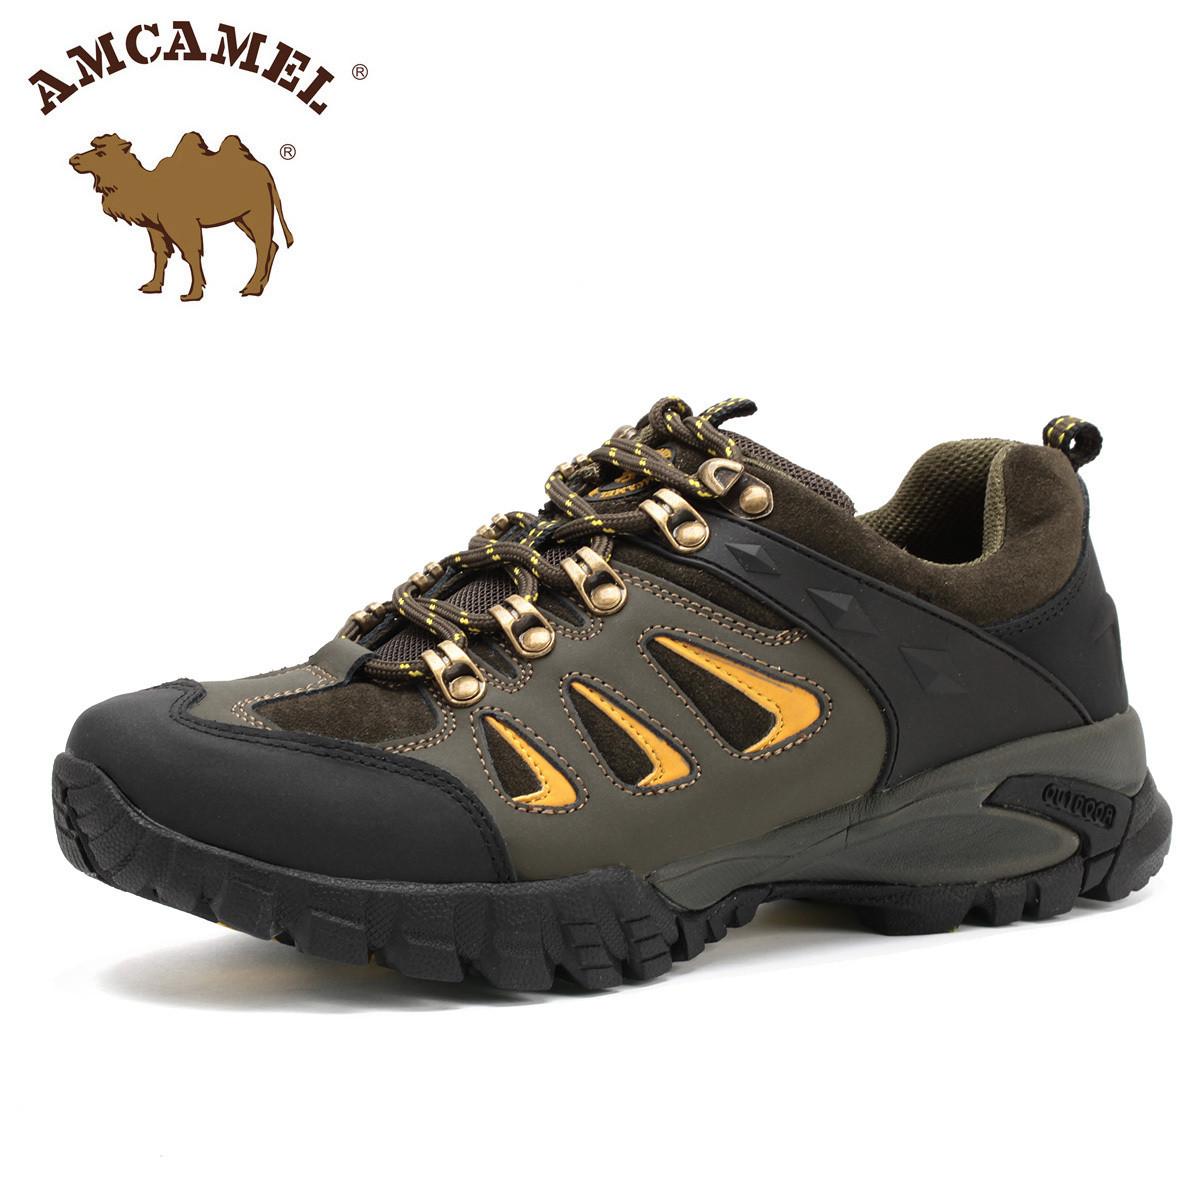 Демисезонные ботинки Camel hm1660106 198 Для отдыха Двухслойная кожа Круглый носок Шнурок